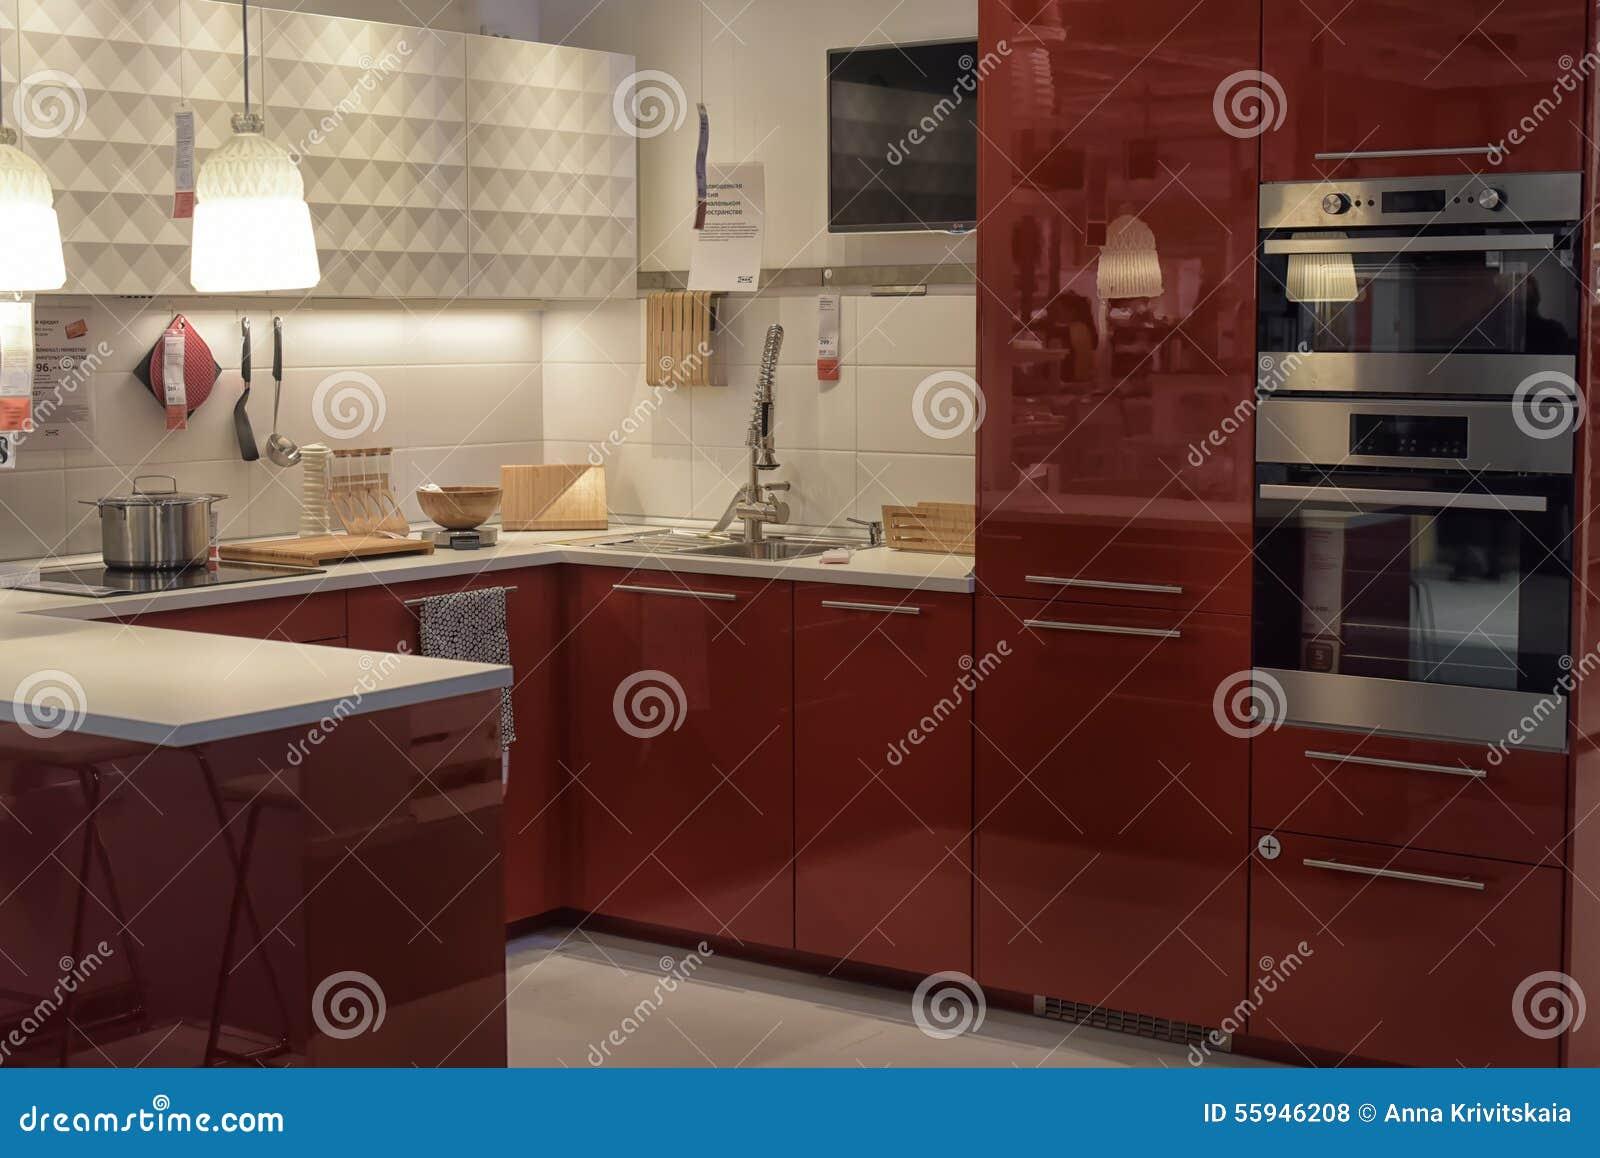 Cucina In Negozio Di Mobili Ikea Fotografia Stock Editoriale ...